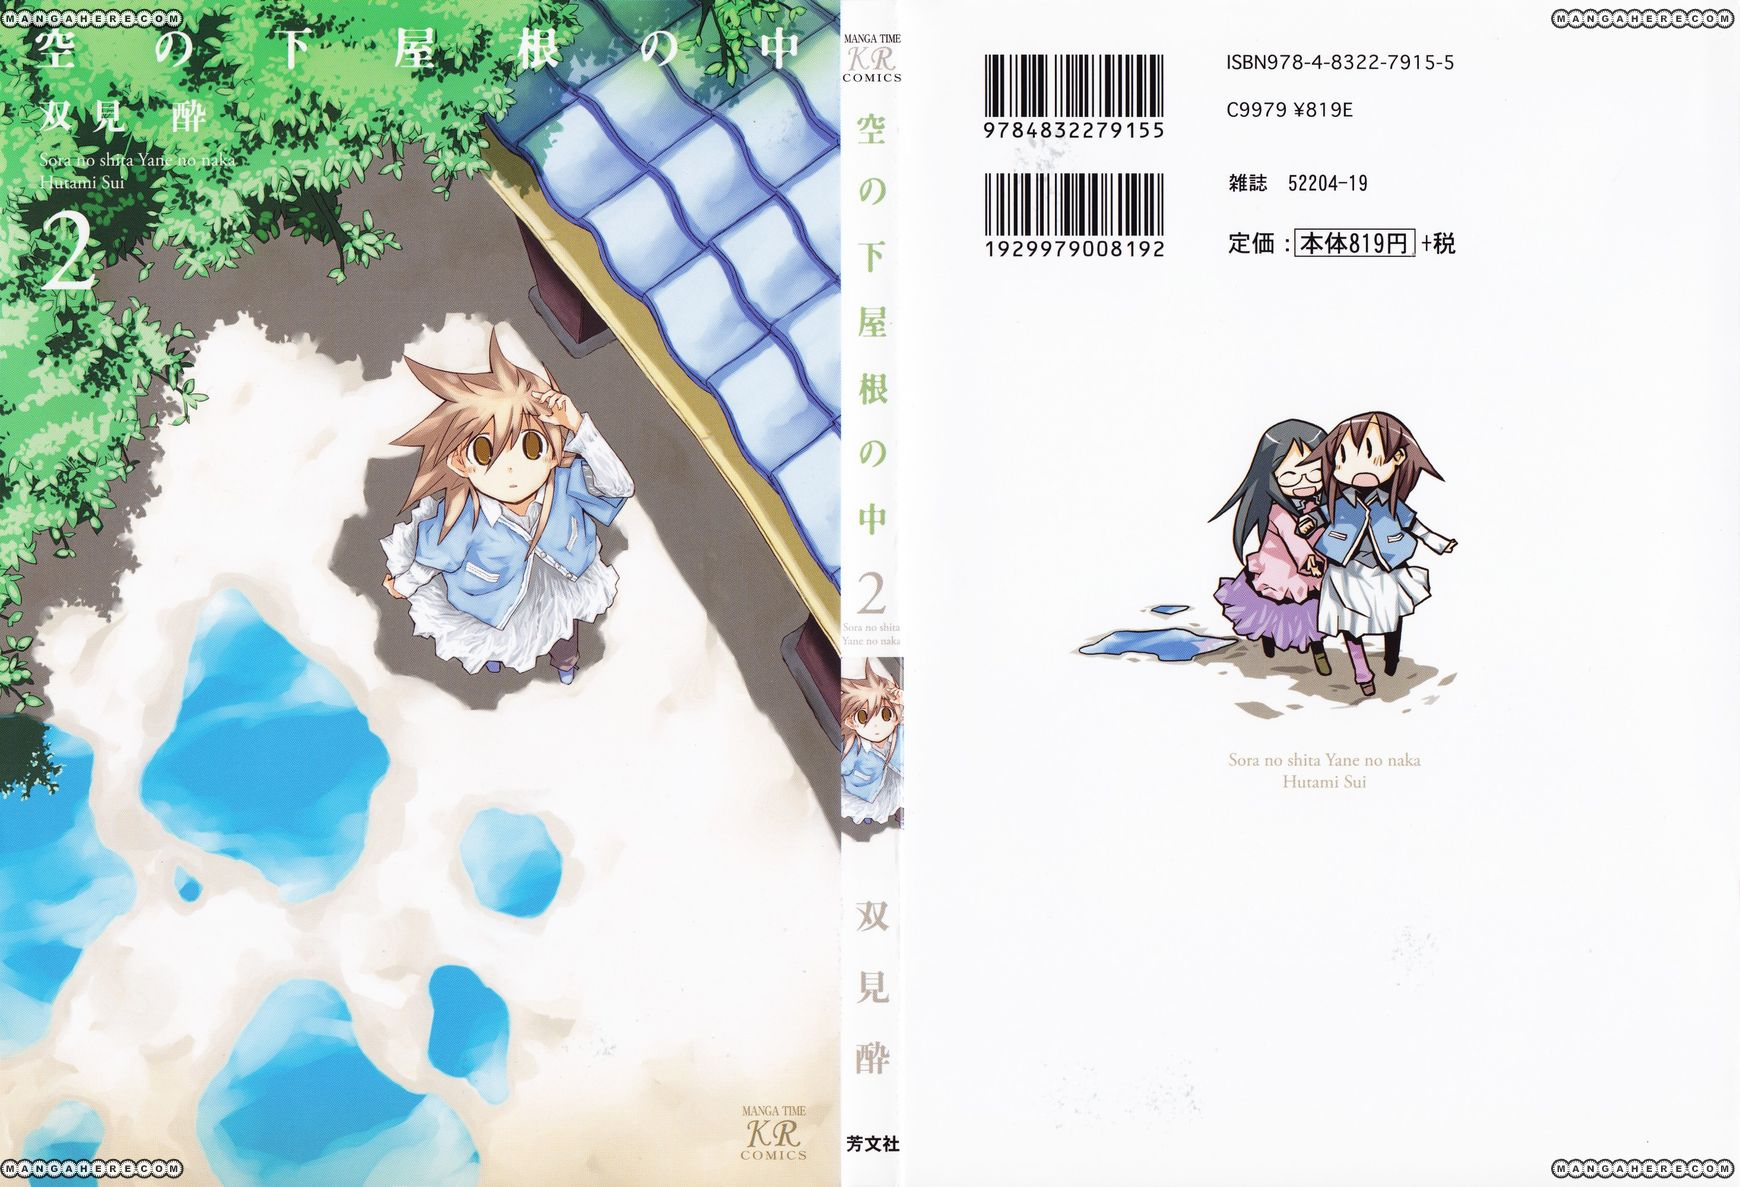 Sora no Shita Yane no Naka 14 Page 2